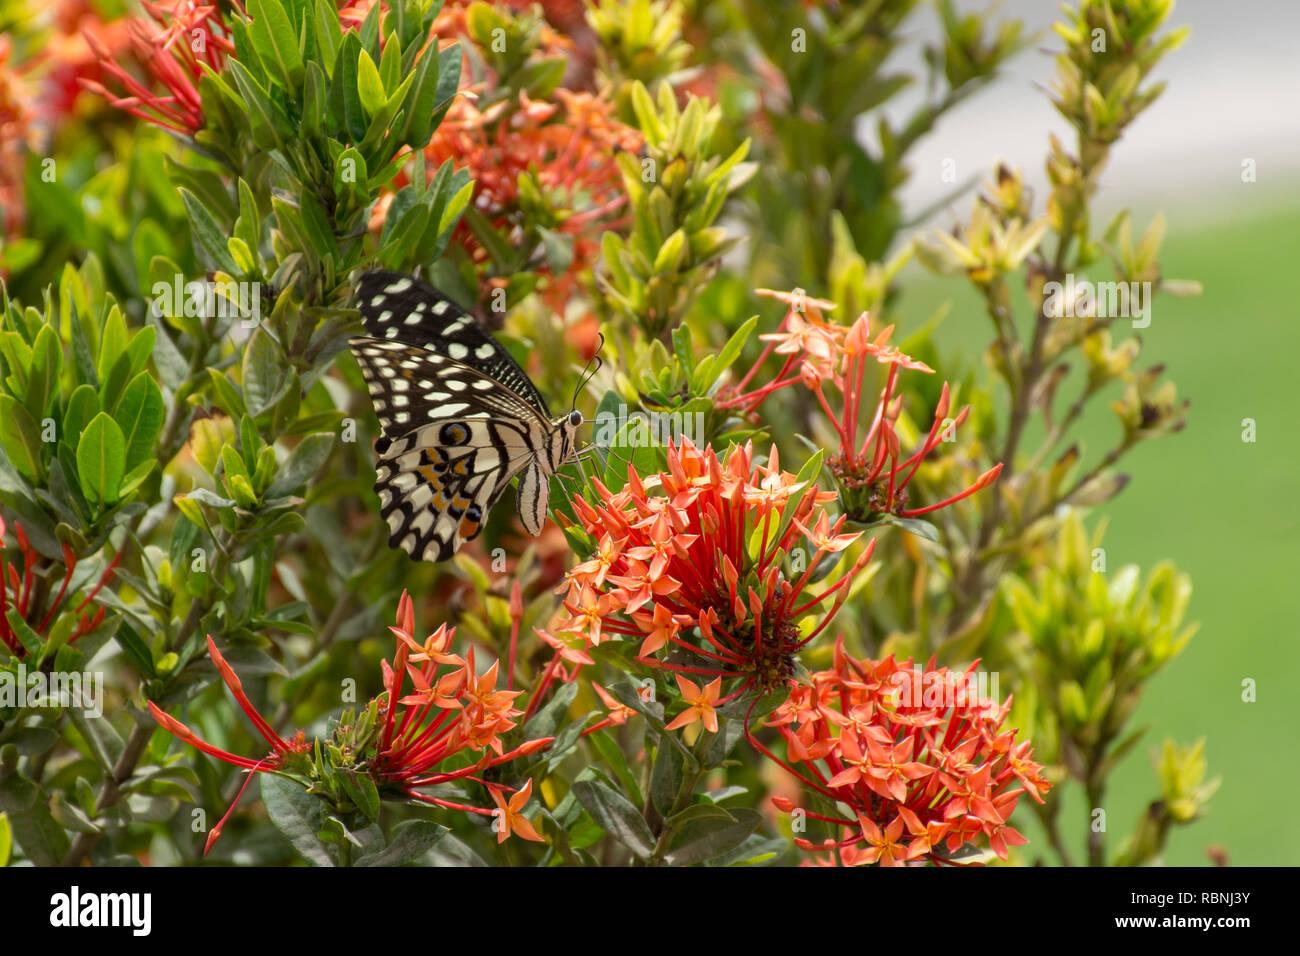 Un calce/Limone farfalla o calce/a coda di rondine a scacchi su un fiore rosso (Papilio demoleus) in Muscat Oman con un cielo blu sullo sfondo. Immagini Stock